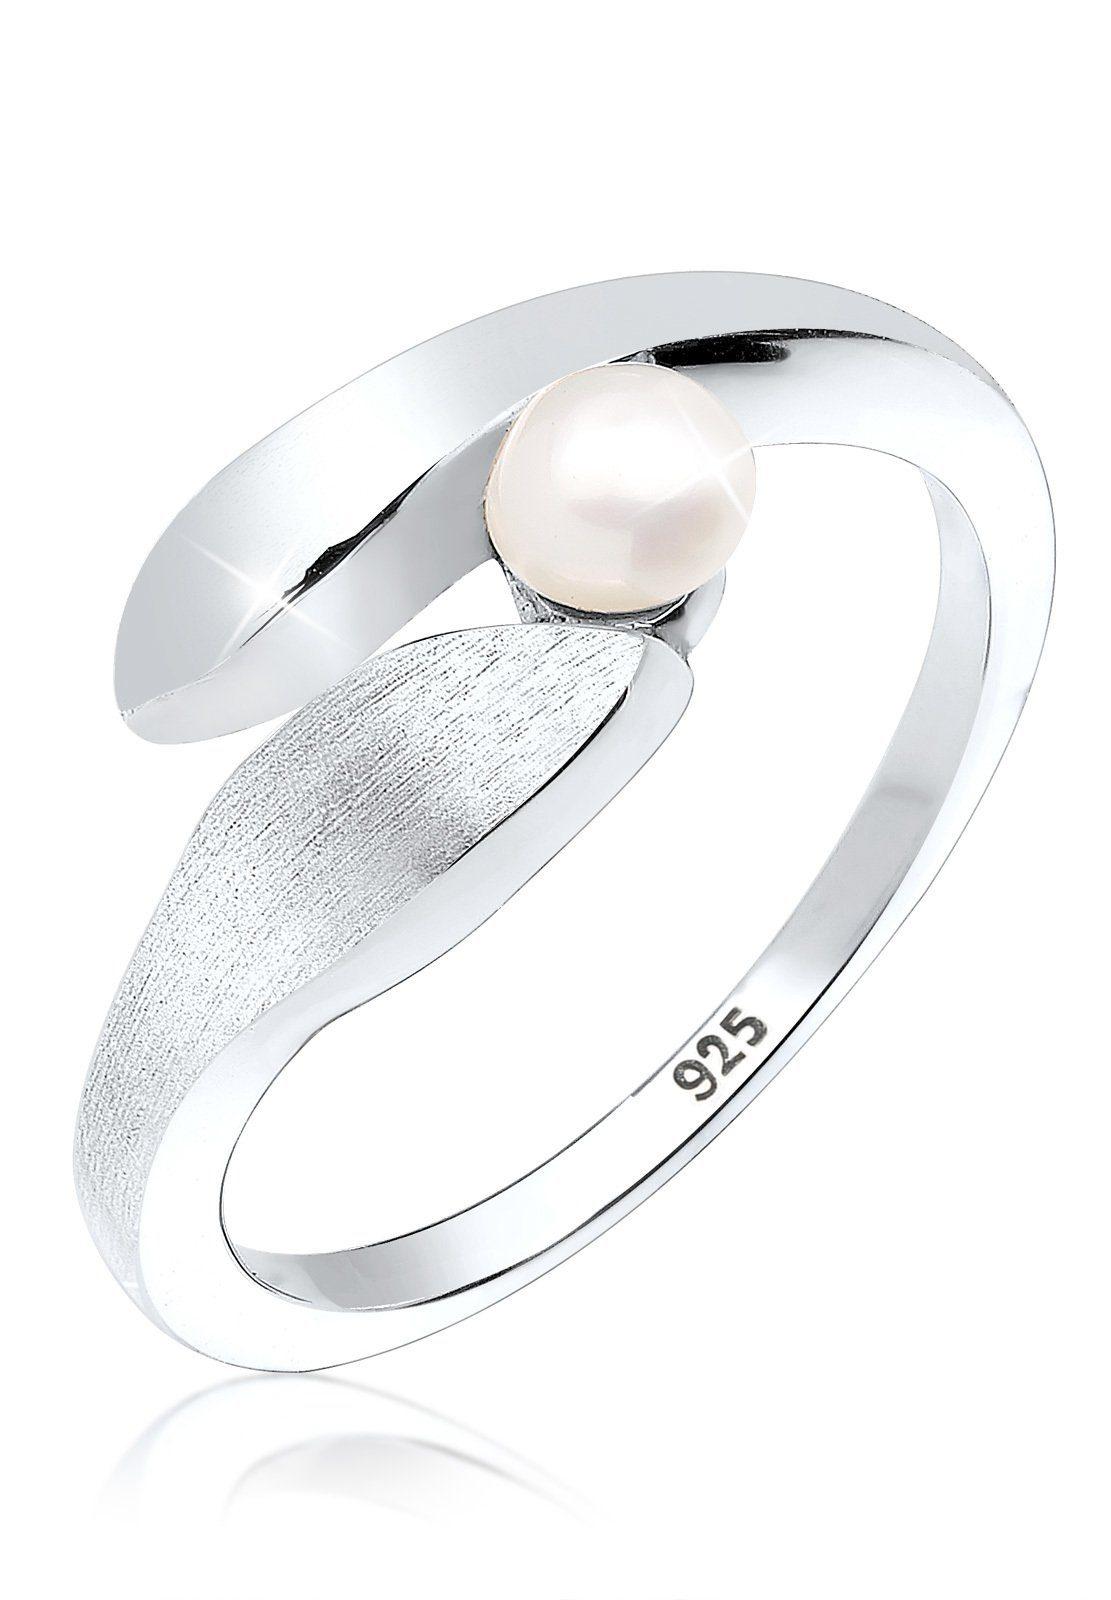 Perlenring Silber« »wickelring Online Süßwasserzuchtperle Elli 925 Kaufen clKuTF1J35